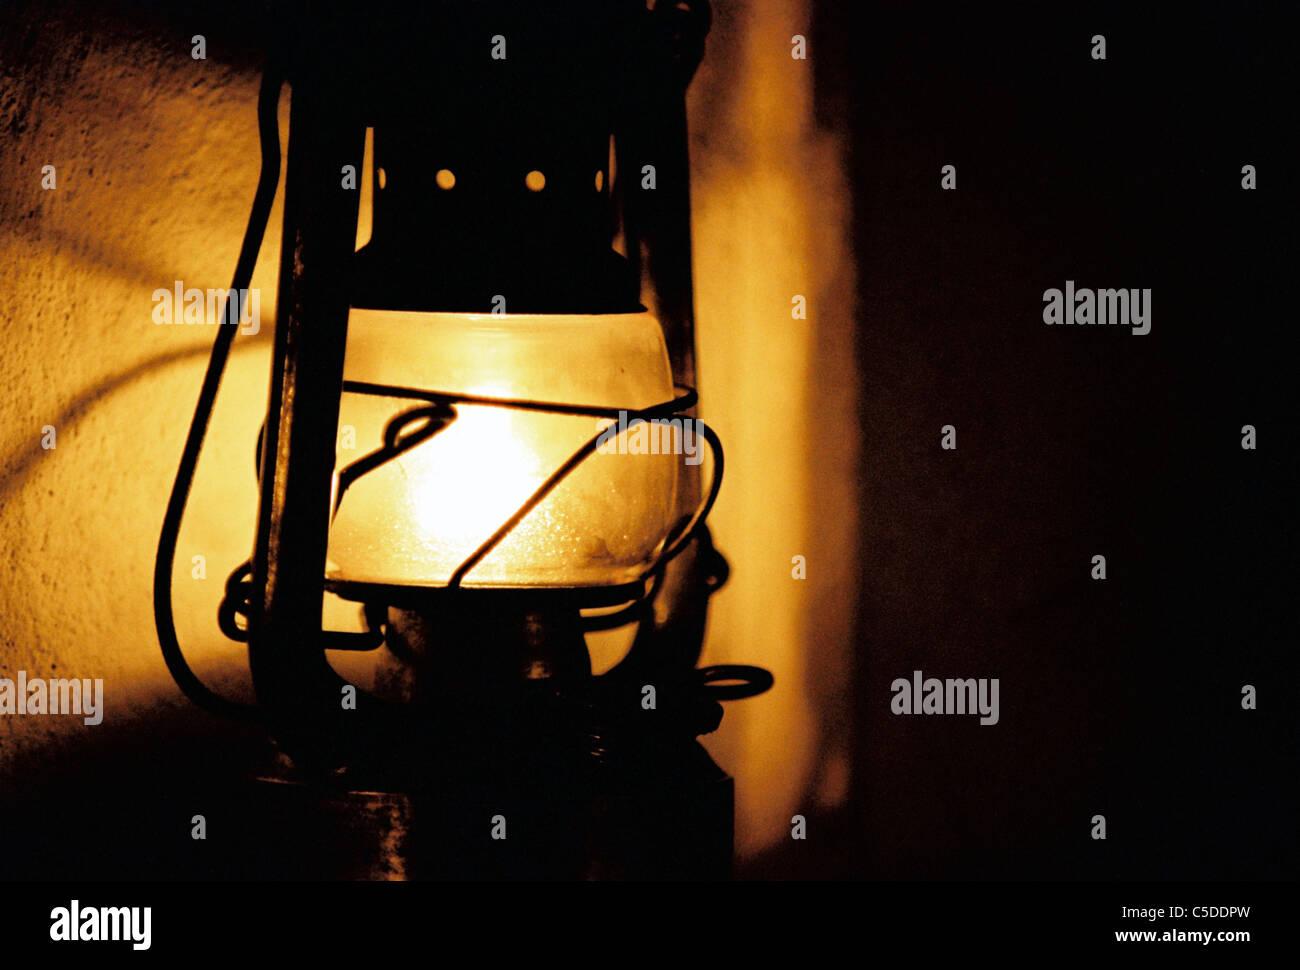 Close-up di un olio accesa la lampada nel buio Immagini Stock